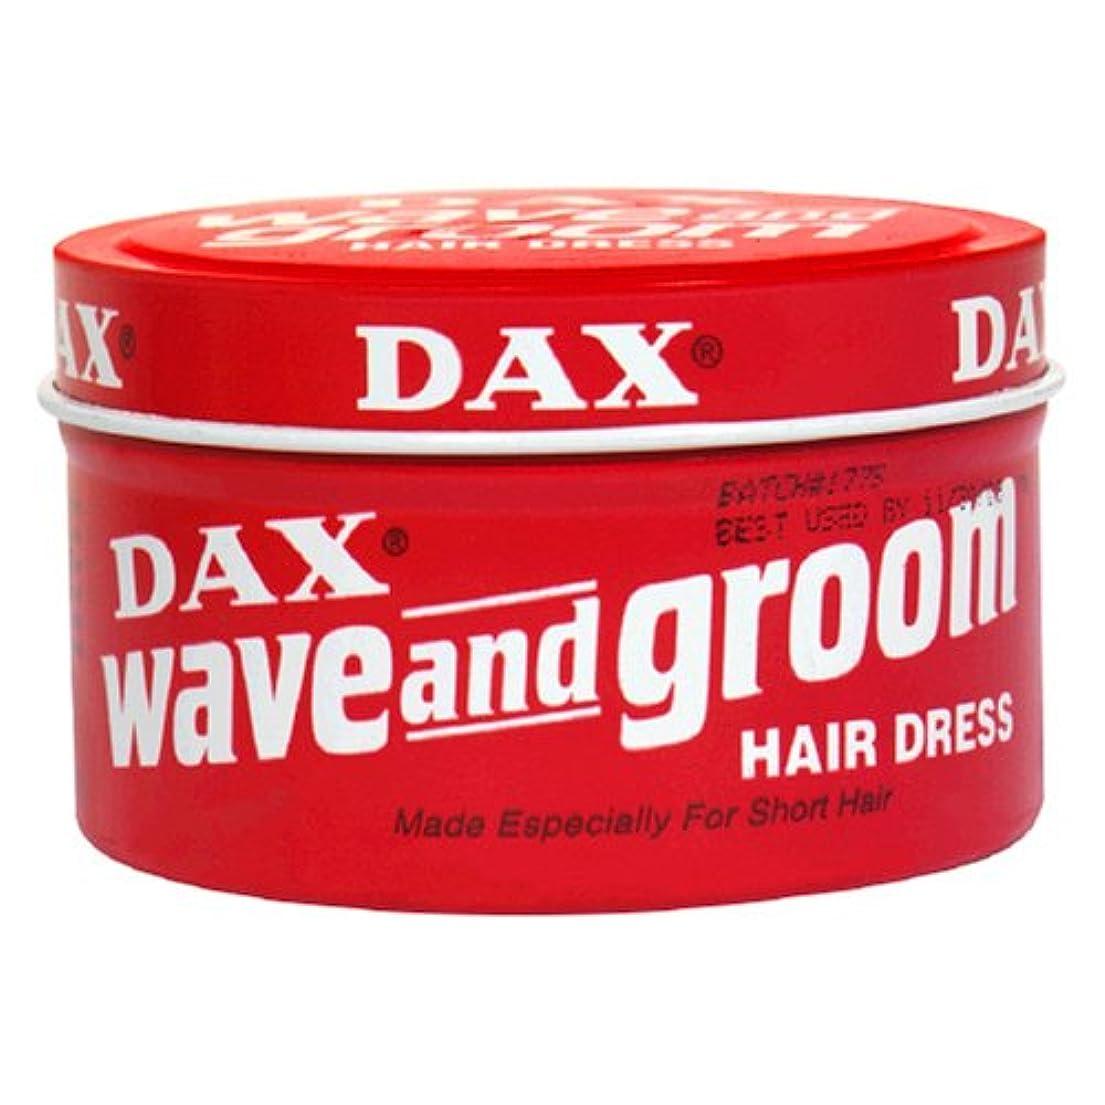 熟達した金貸し昆虫を見るDax Wave & Groom Hair Dress 99 gm Jar (Case of 6) (並行輸入品)